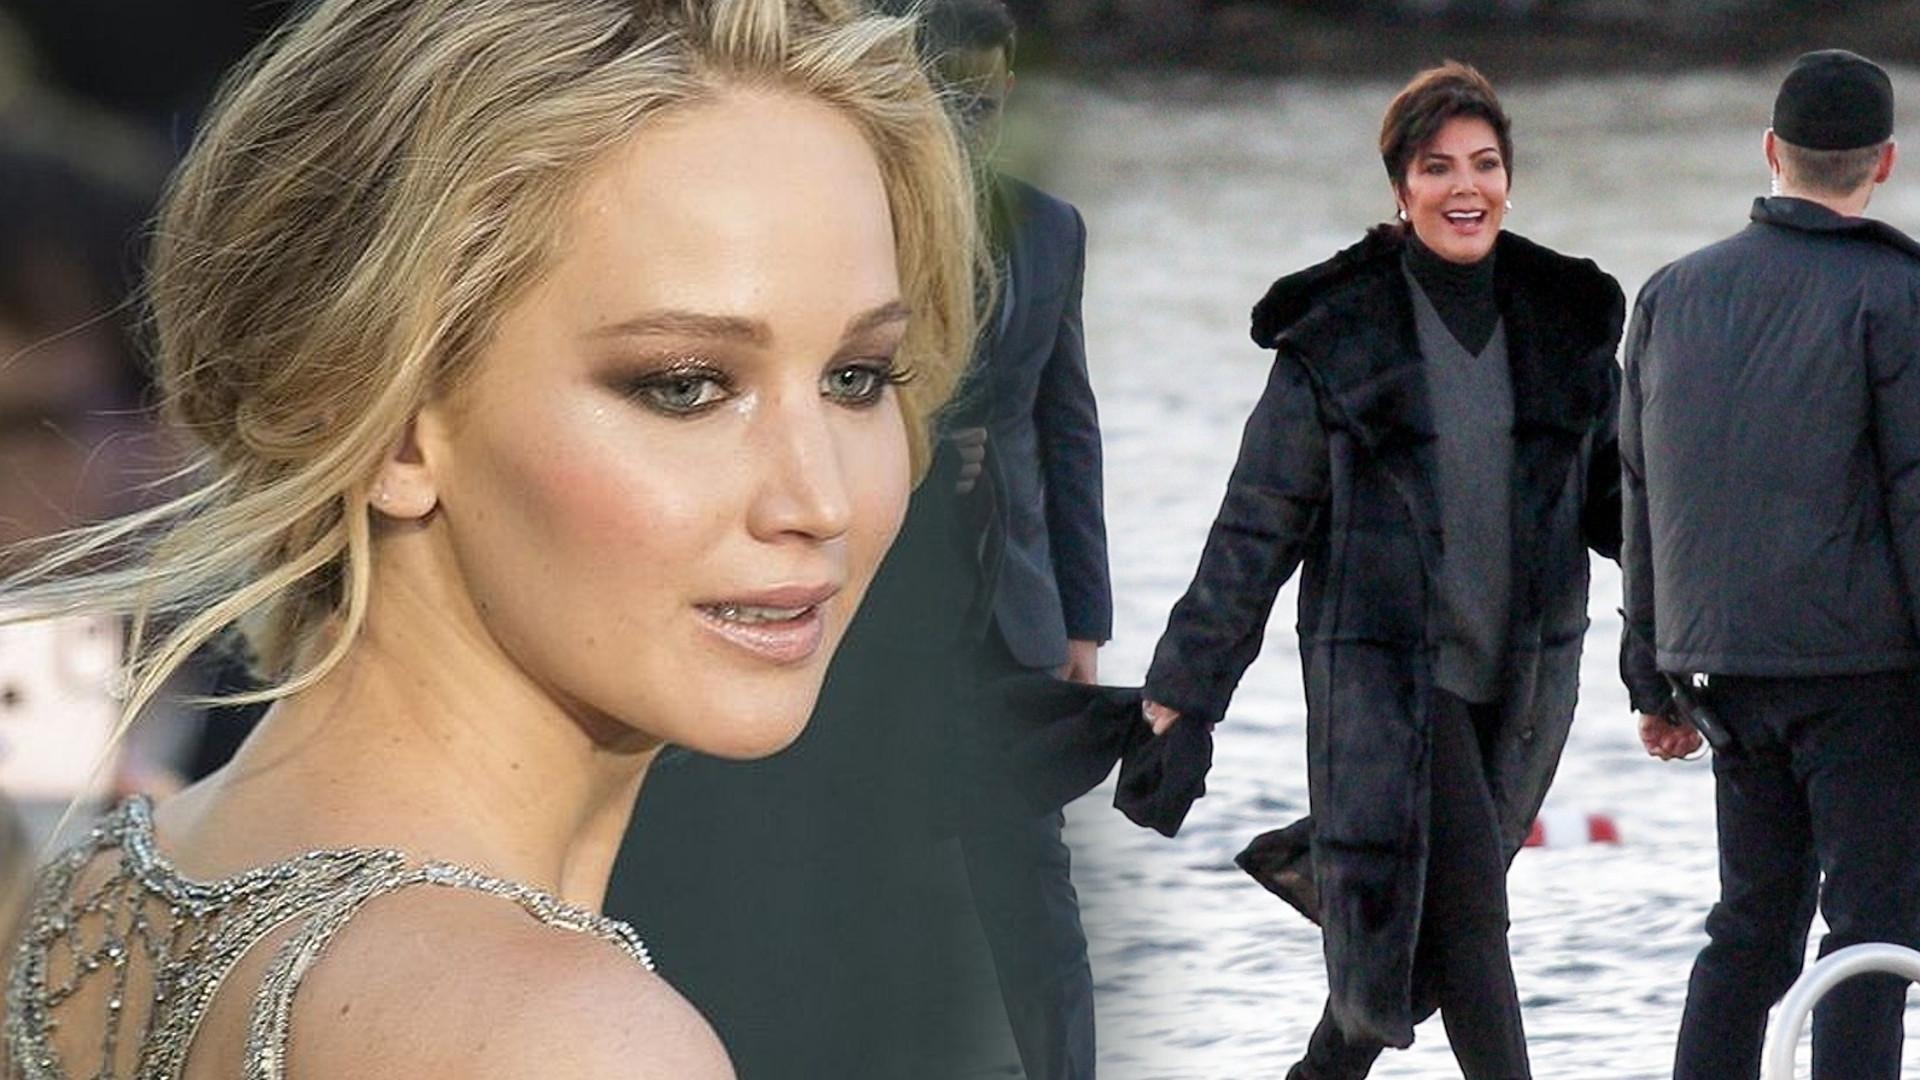 Gwiazdy zjeżdżają się na ŚLUB Jennifer Lawrence (ZDJĘCIA)